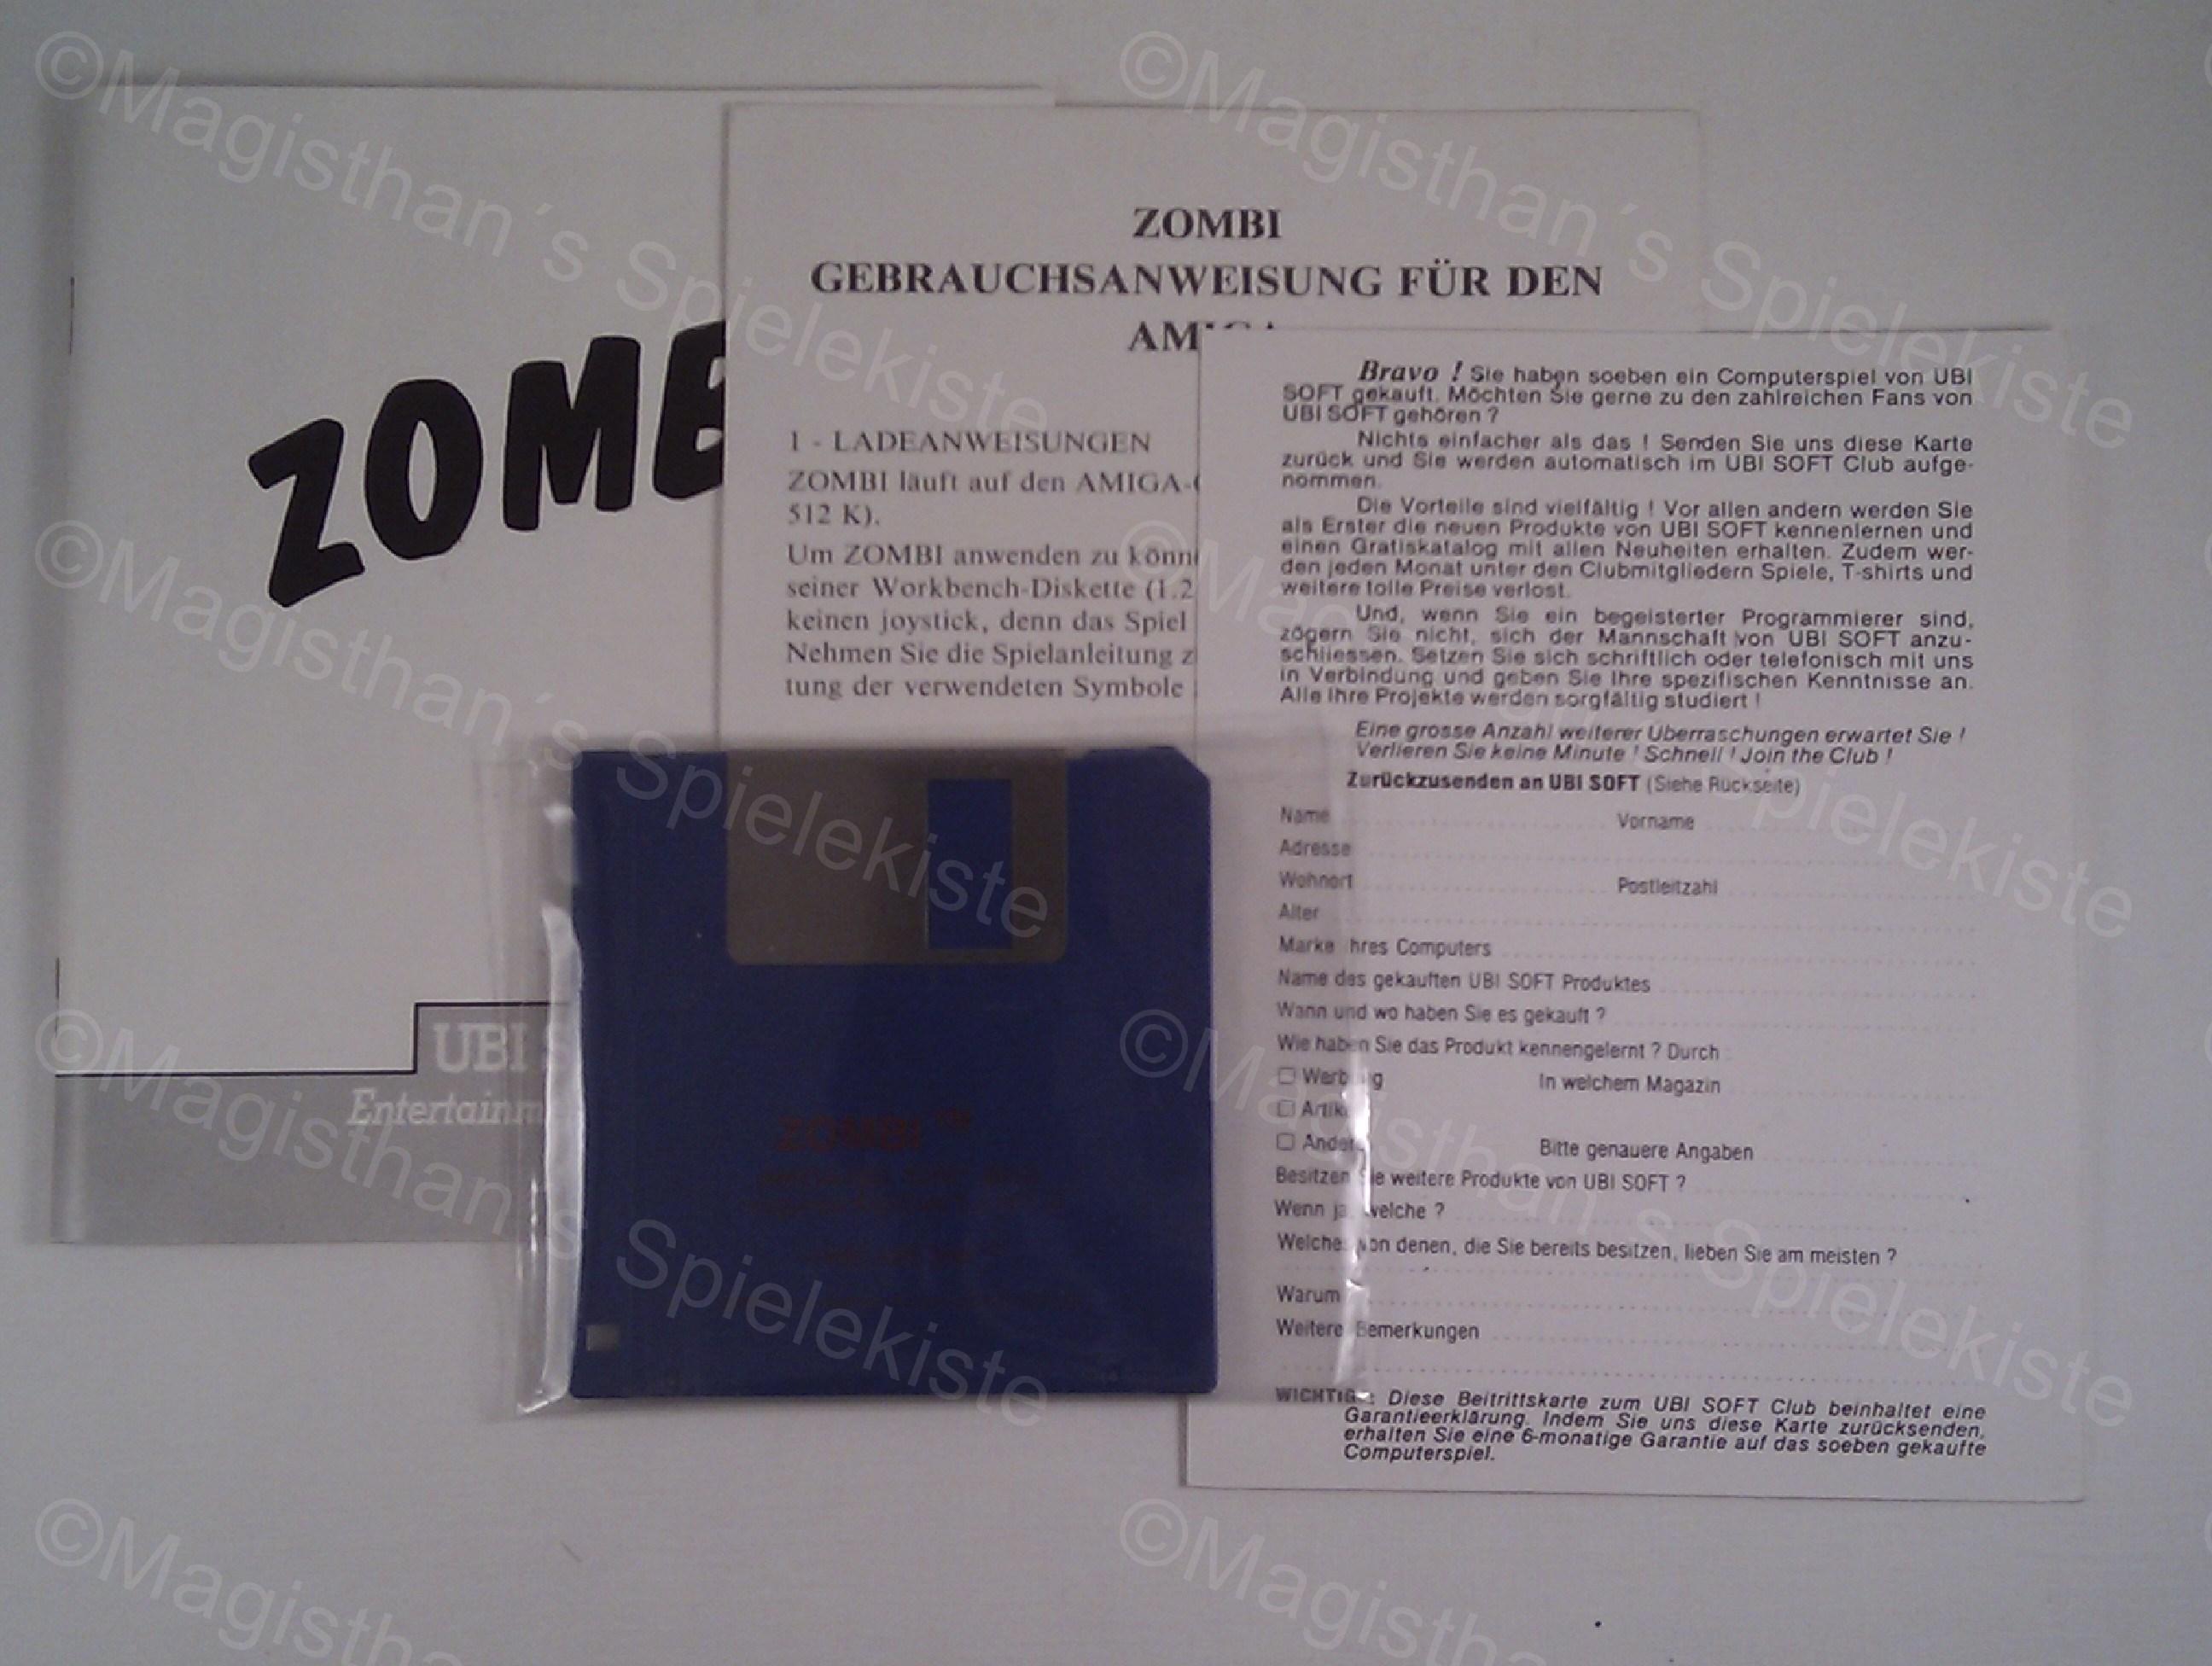 Zombi2.jpg